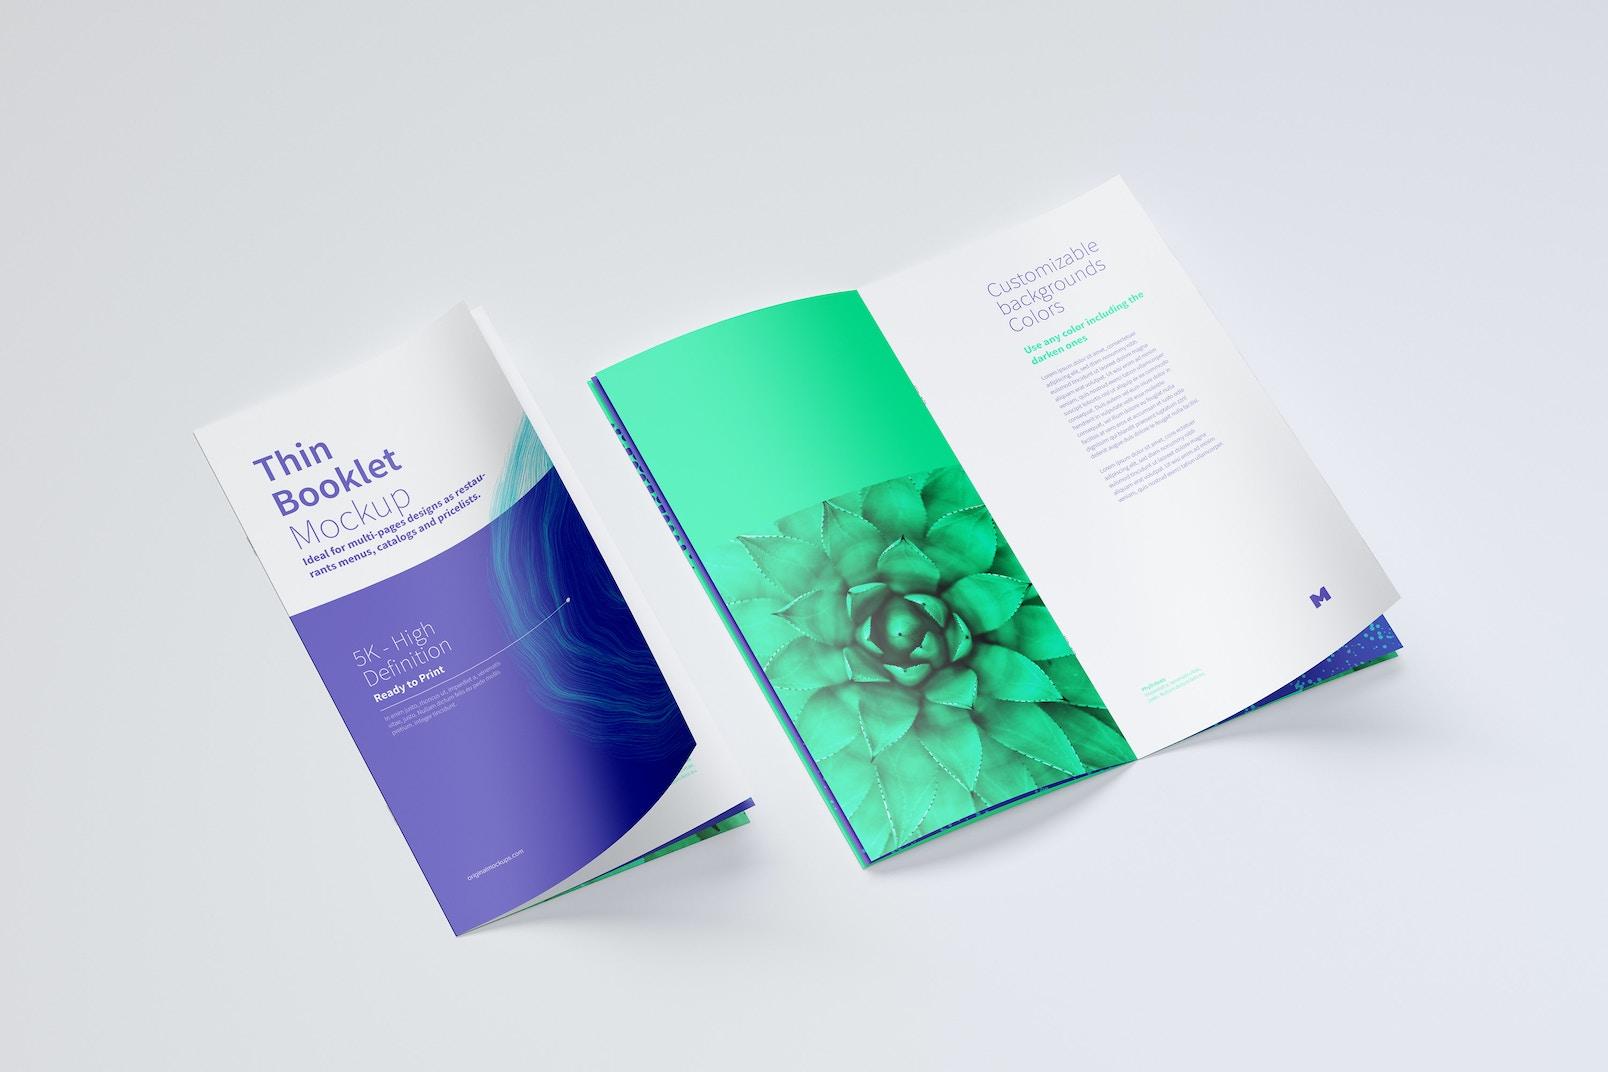 Muestra la portada y páginas internas de tus diseños.